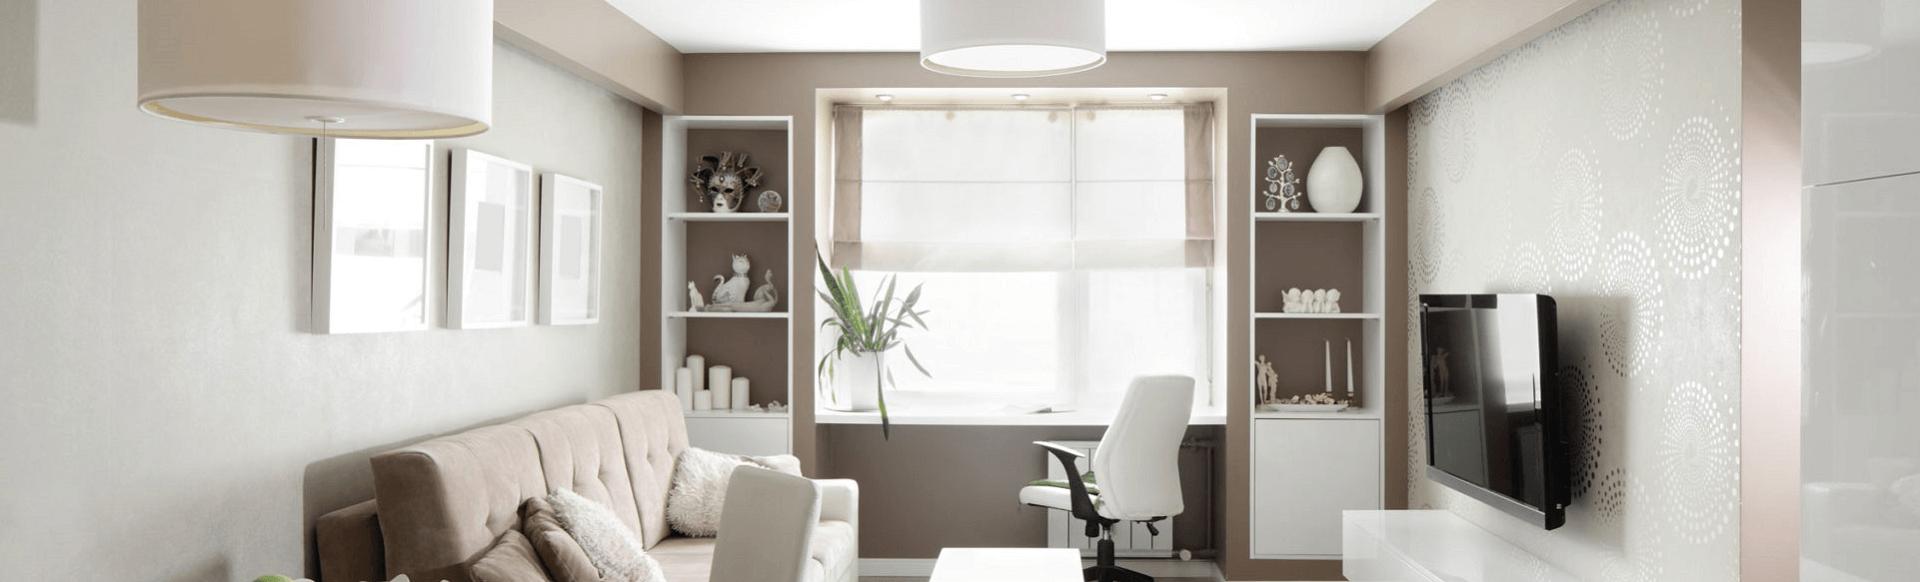 Móveis planejados para apartamento pequeno: vale a pena?